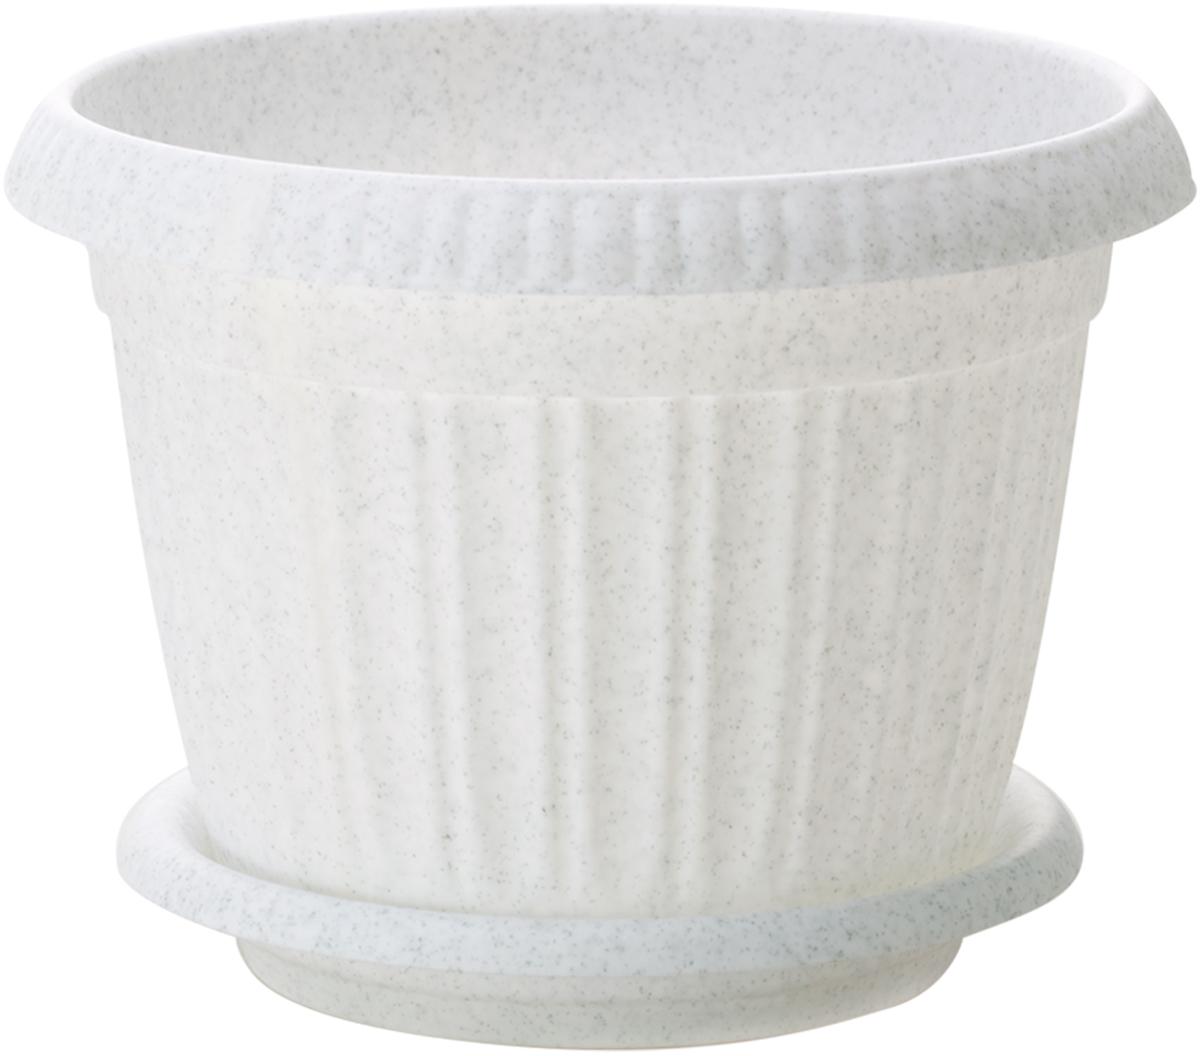 Горшок для цветов InGreen Таити, с подставкой, цвет: мраморный, диаметр 23 смZ-0307Горшок InGreen Таити выполнен из высококачественного полипропилена (пластика) и предназначен для выращивания цветов, растений и трав. Снабжен подставкой для стока воды.Такой горшок порадует вас функциональностью, а благодаря лаконичному дизайну впишется в любой интерьер помещения.Диаметр горшка по верхнему краю: 23 см. Высота горшка: 17,5 см. Диаметр подставки: 19 см.